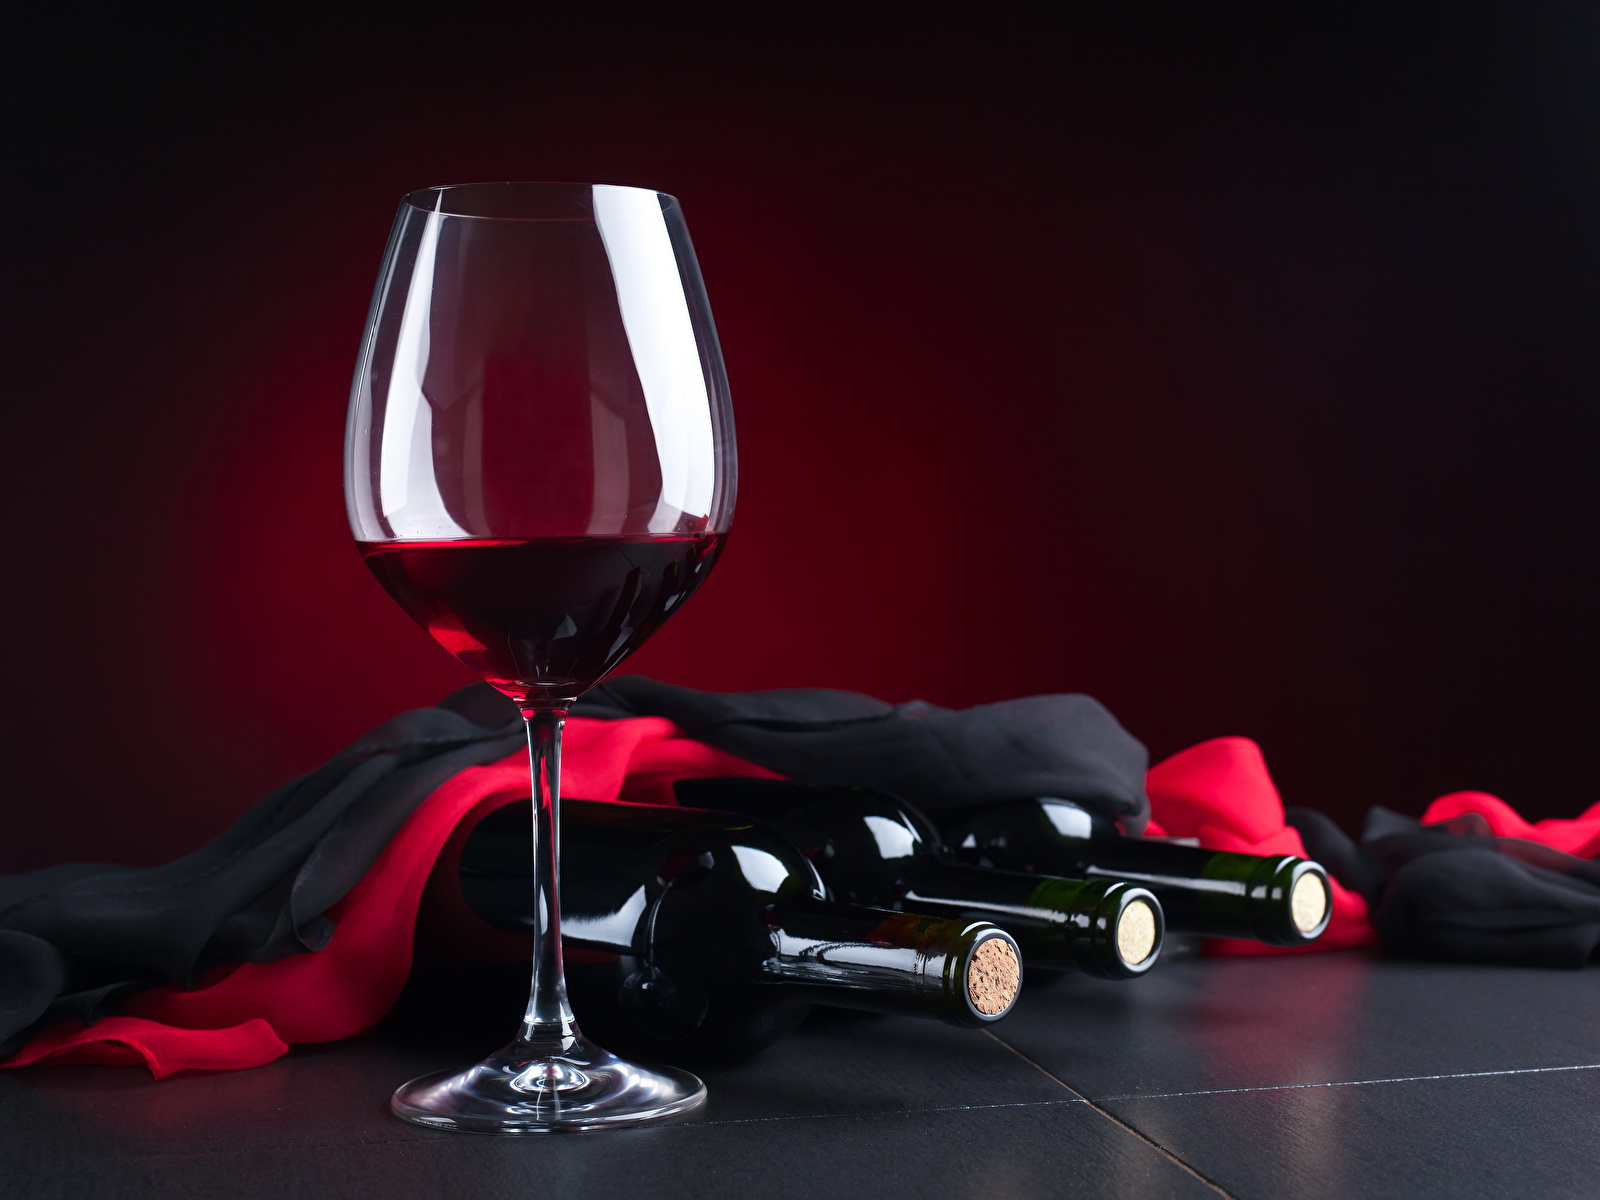 Фото вина в бокале